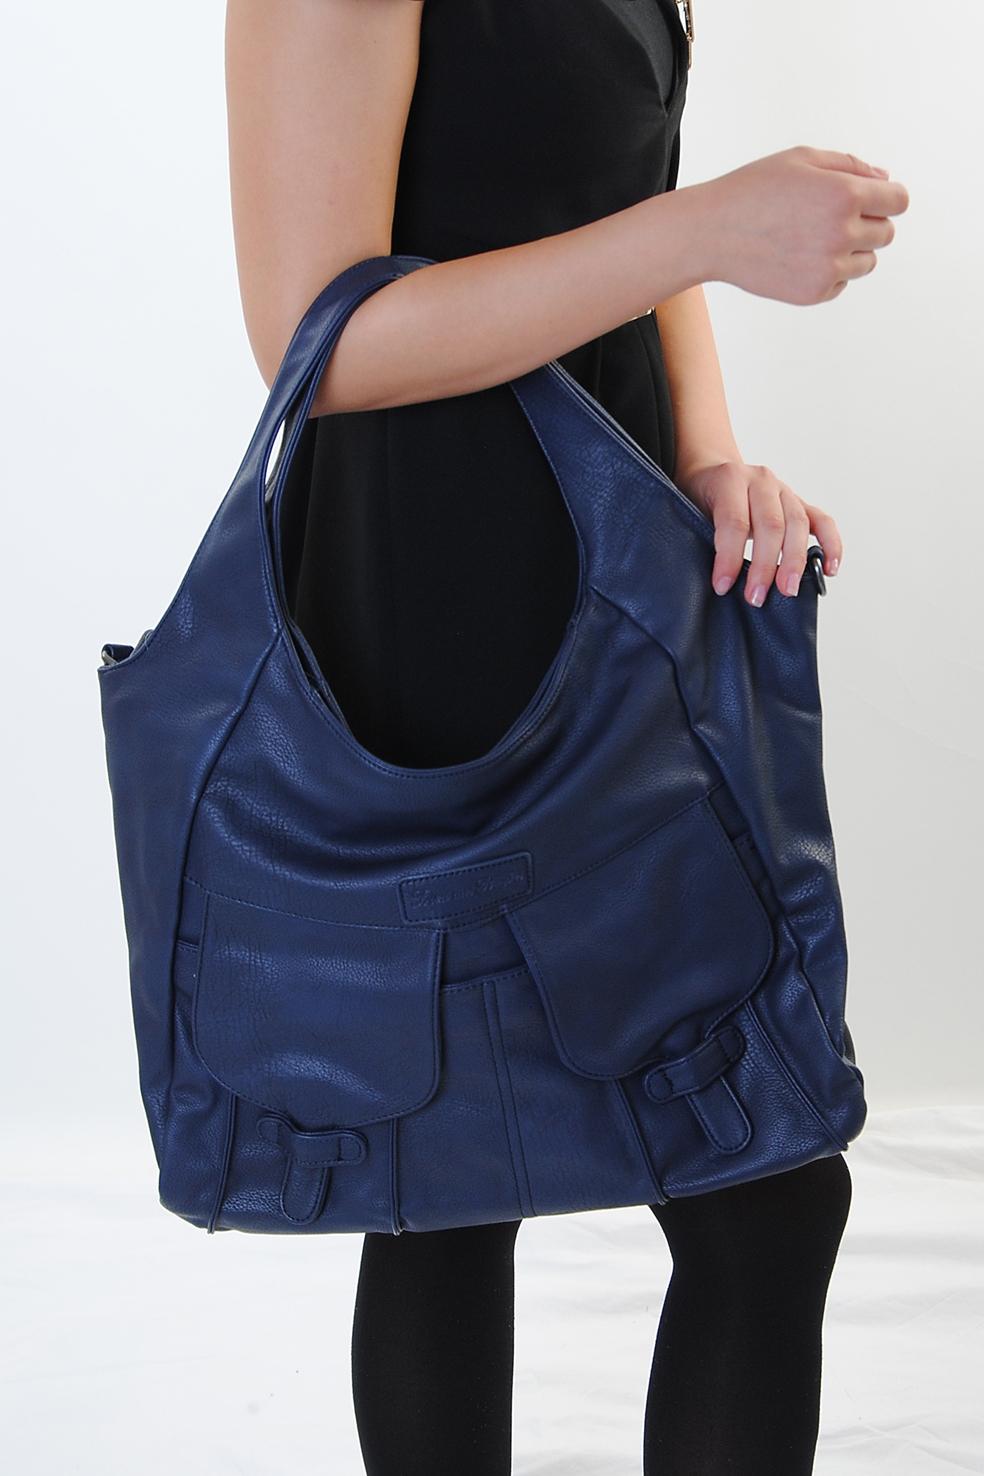 fritzi aus preu en damen handtasche schultertasche shopper jenna saphir ebay. Black Bedroom Furniture Sets. Home Design Ideas